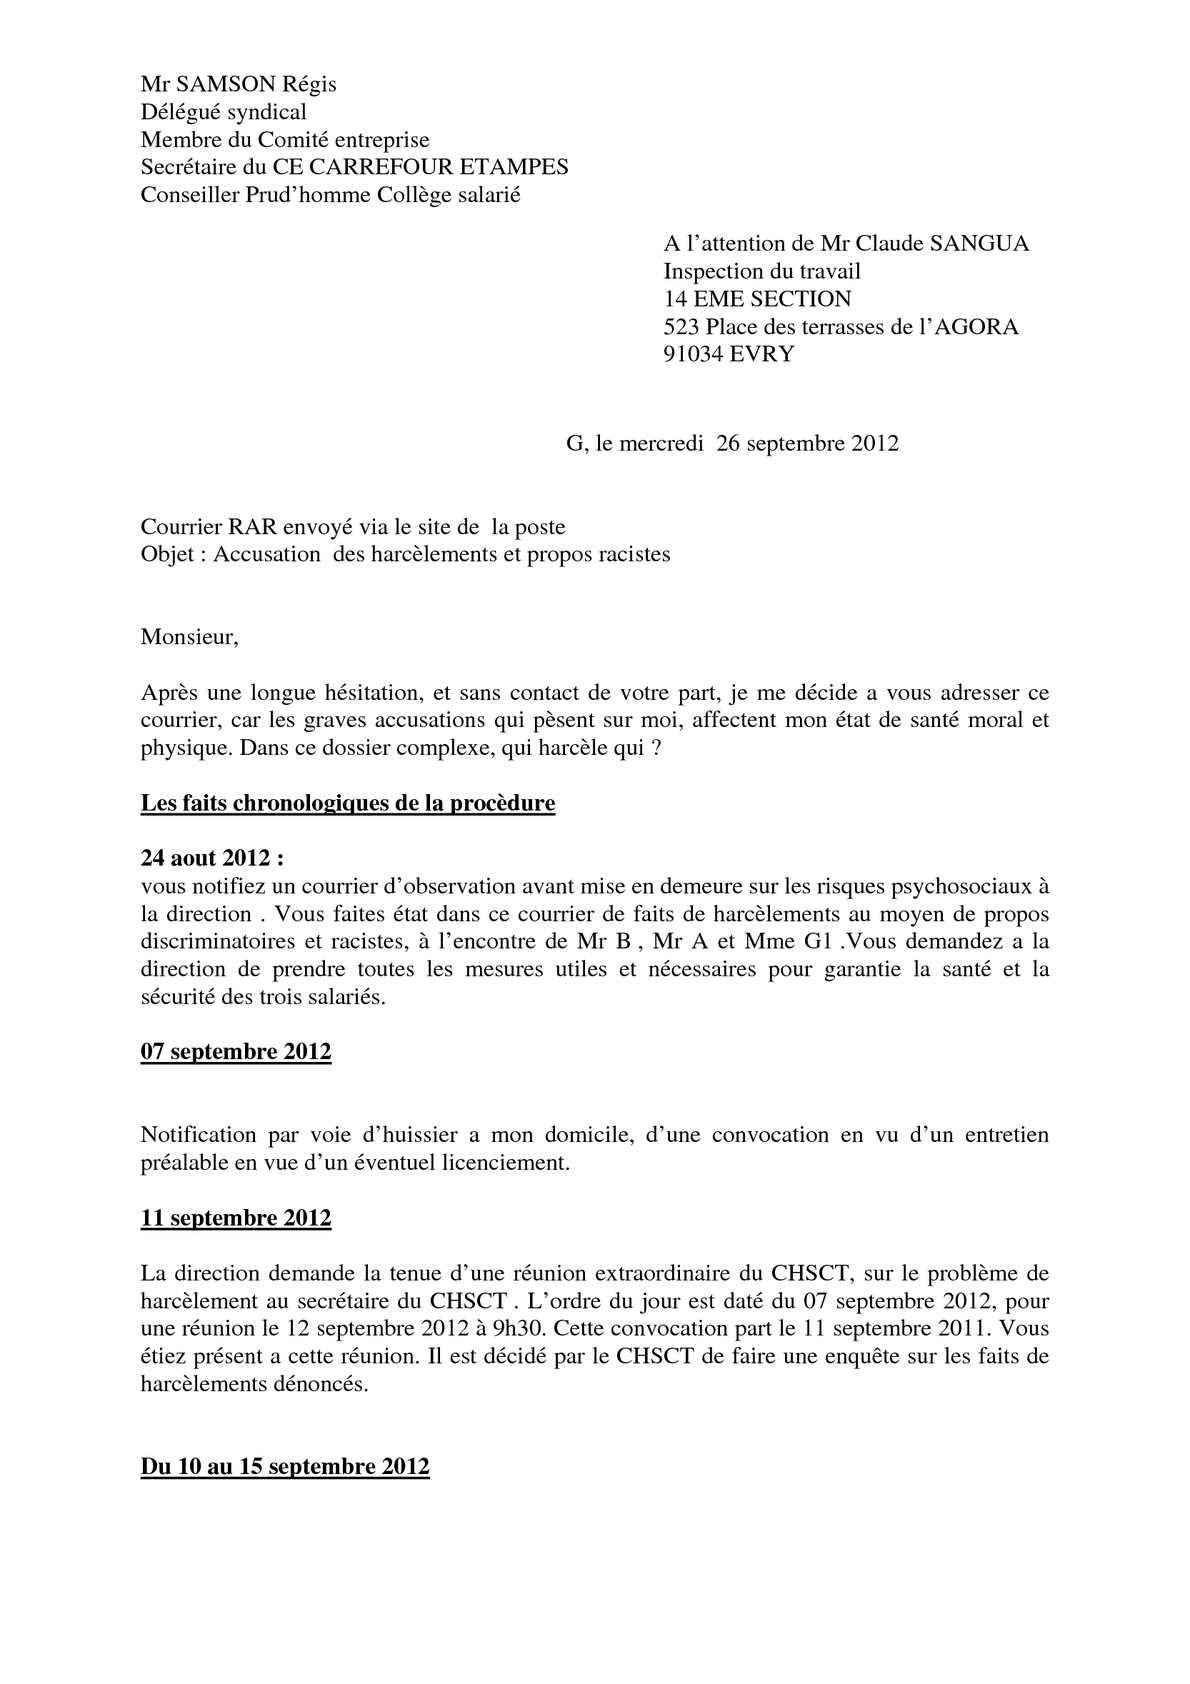 calam o carrefour etampes courrier de r samson l 39 inspecteur du travail 22 09 2012. Black Bedroom Furniture Sets. Home Design Ideas